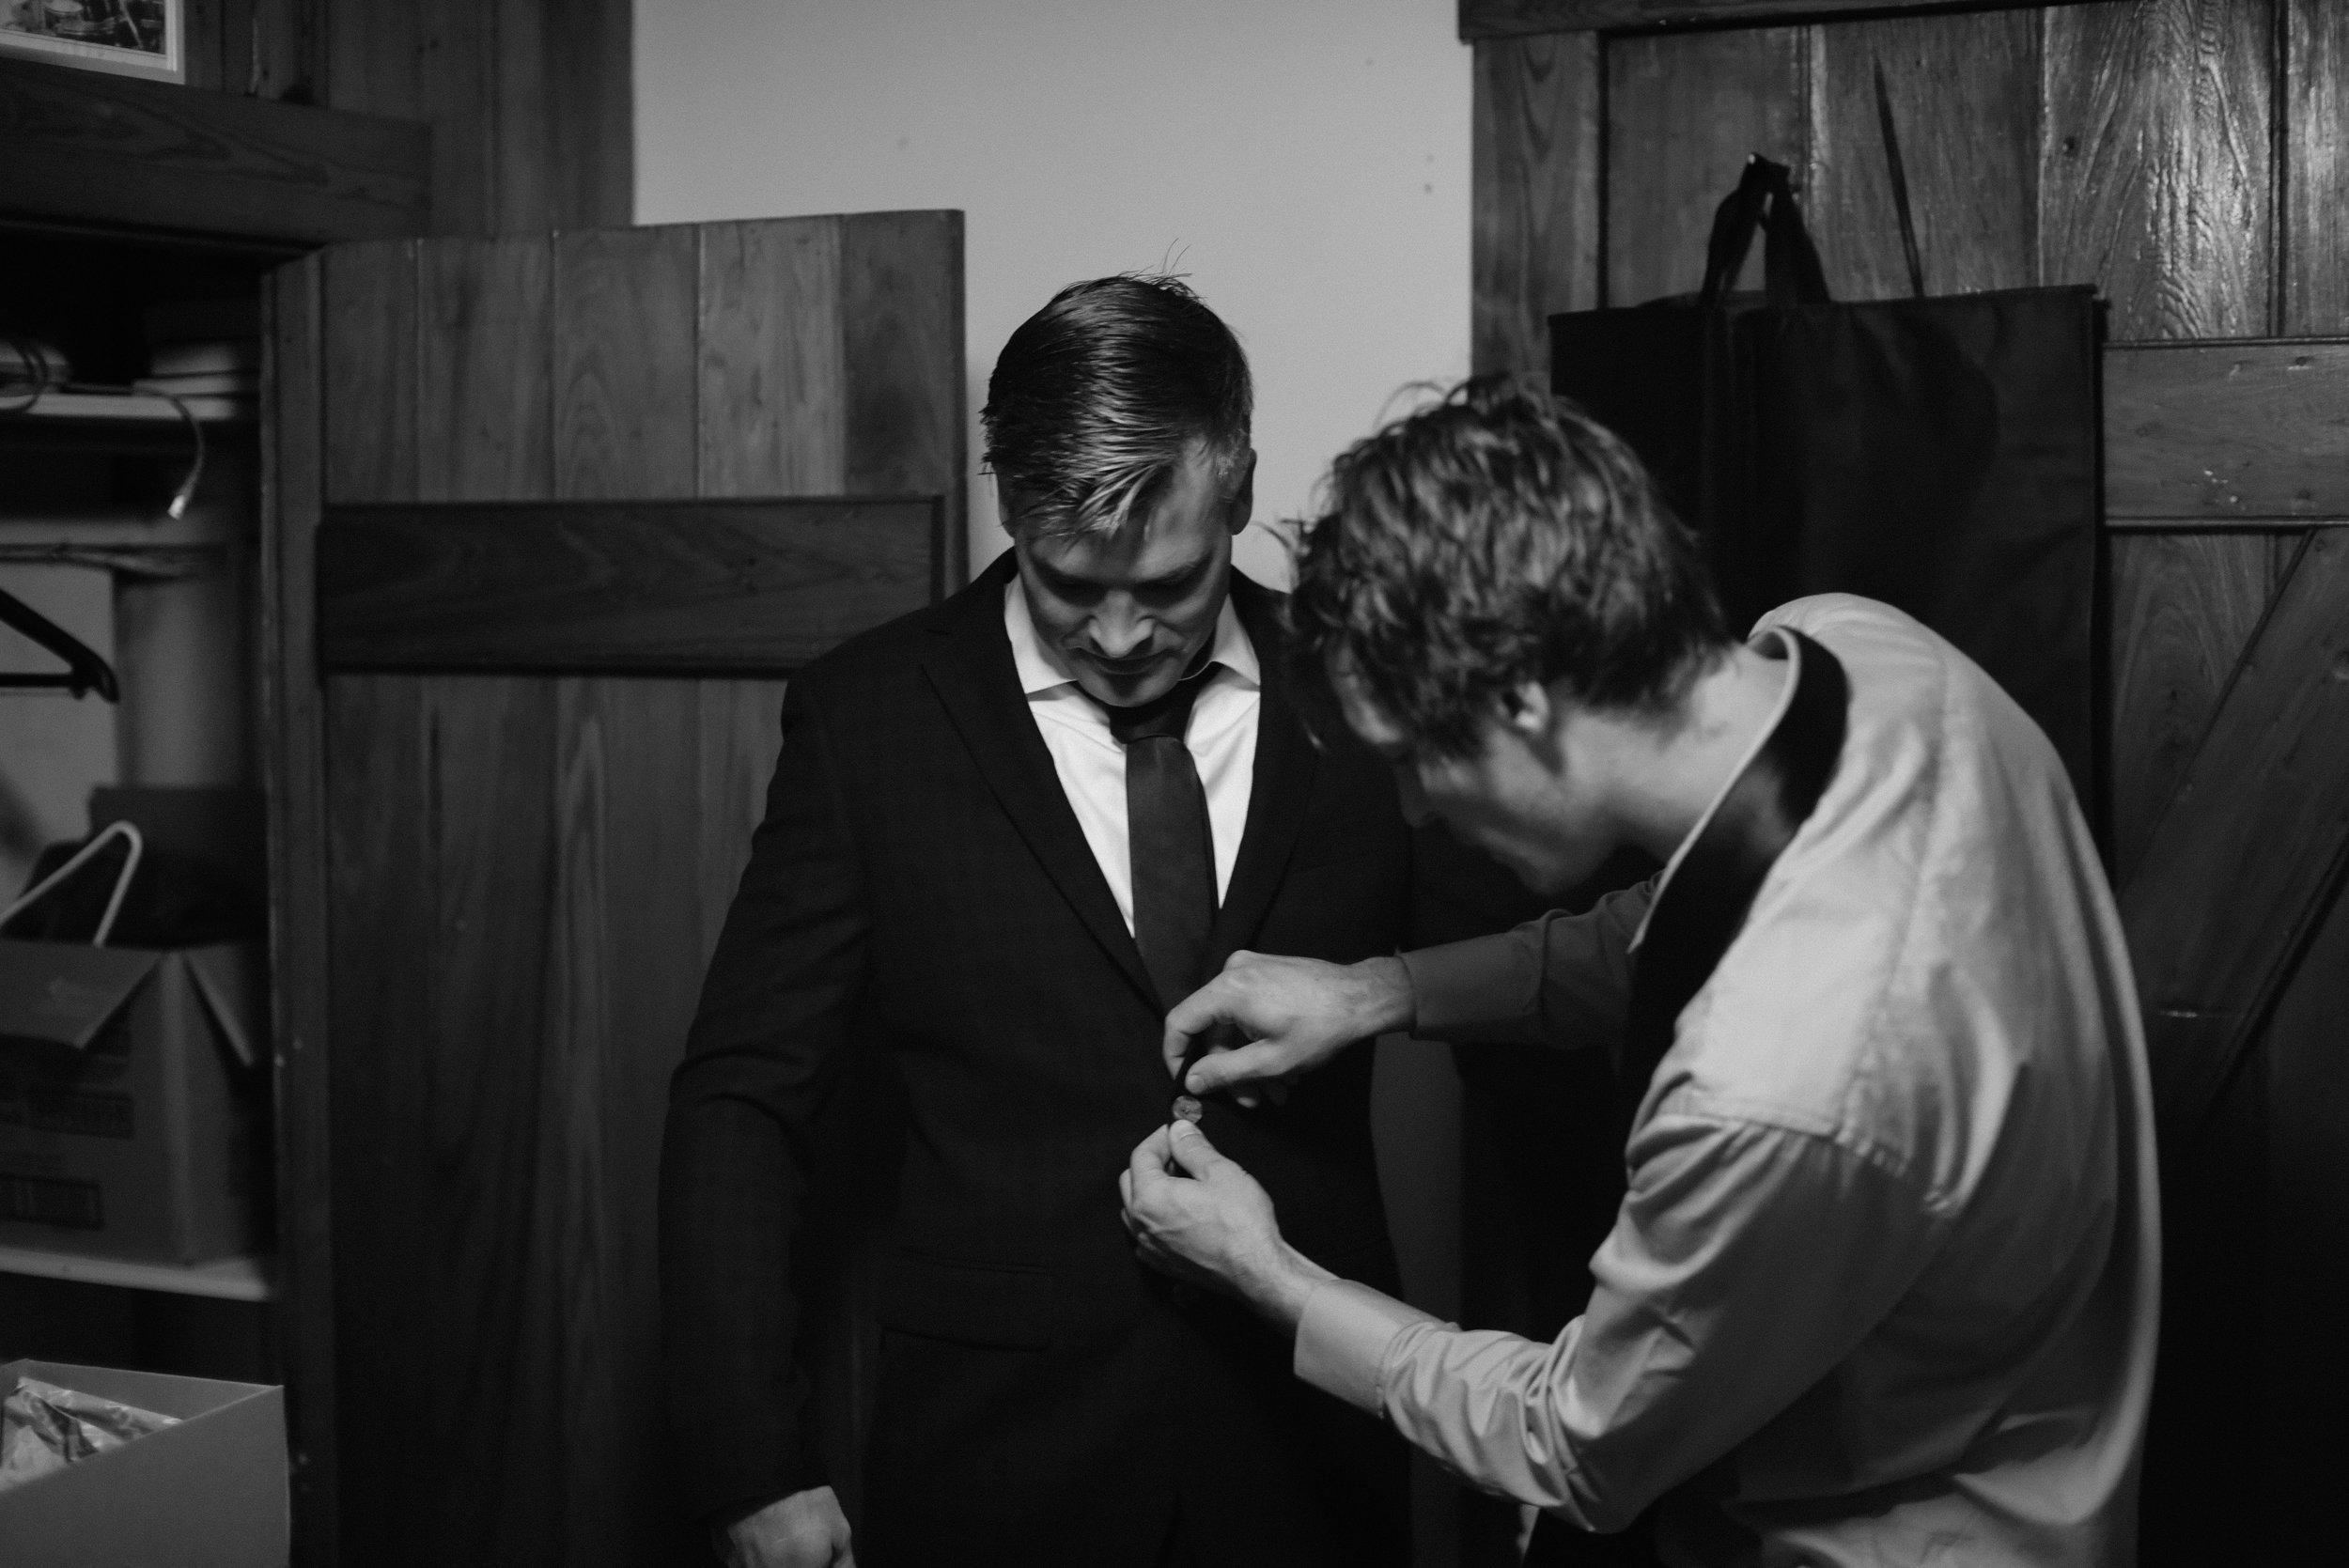 happy_harbor_deale_wedding_getting_ready-18.jpg